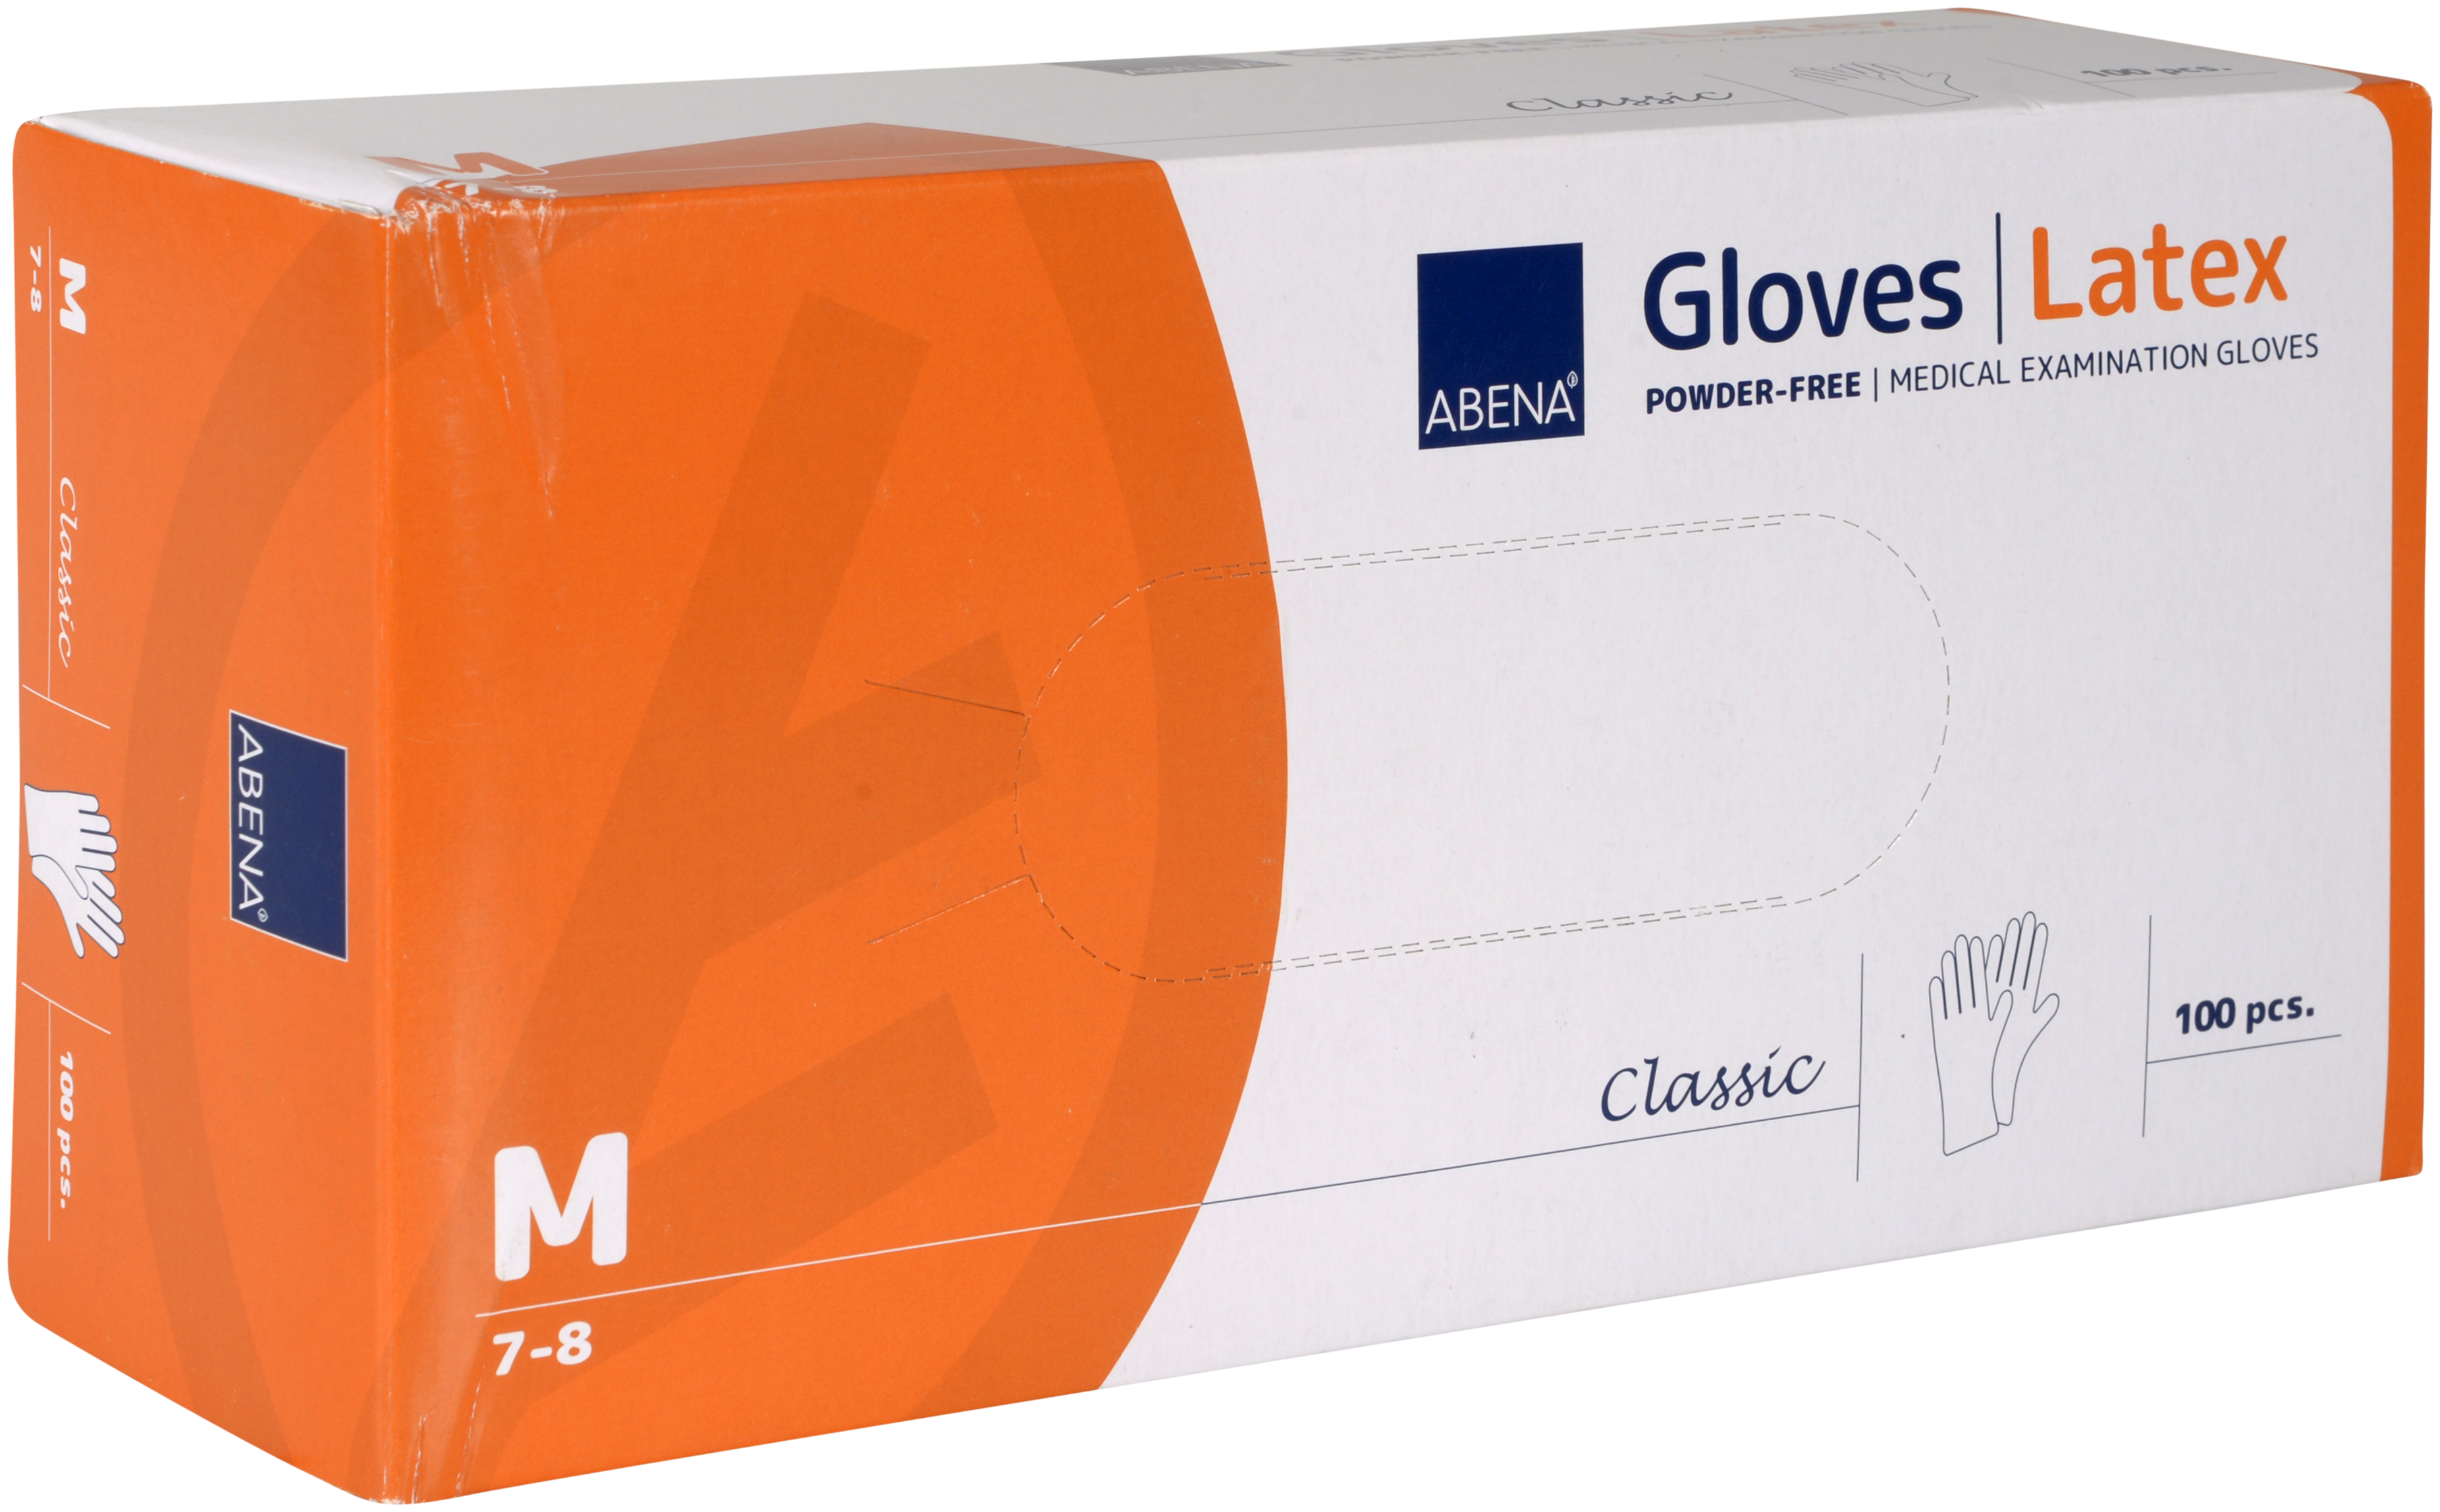 Abena Classic Latex Handschuh Größe M, 10 x 100 Stück, puderfrei, weiß, Gr. M